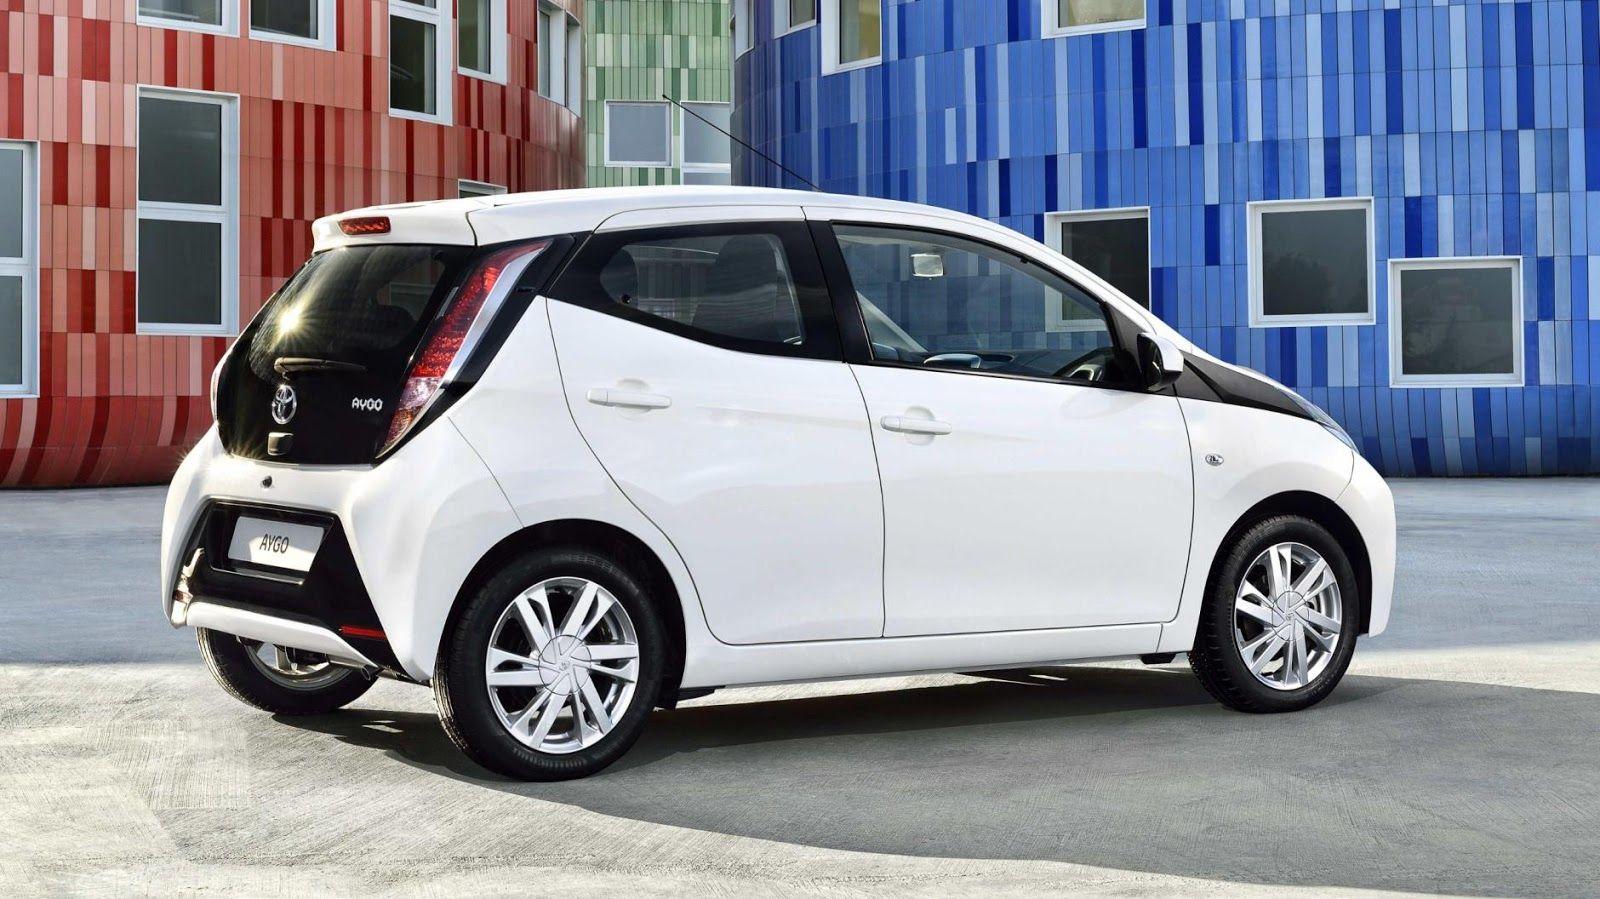 El Toyota Aygo se presenta en el mercado nacional - Coches y Motos 10